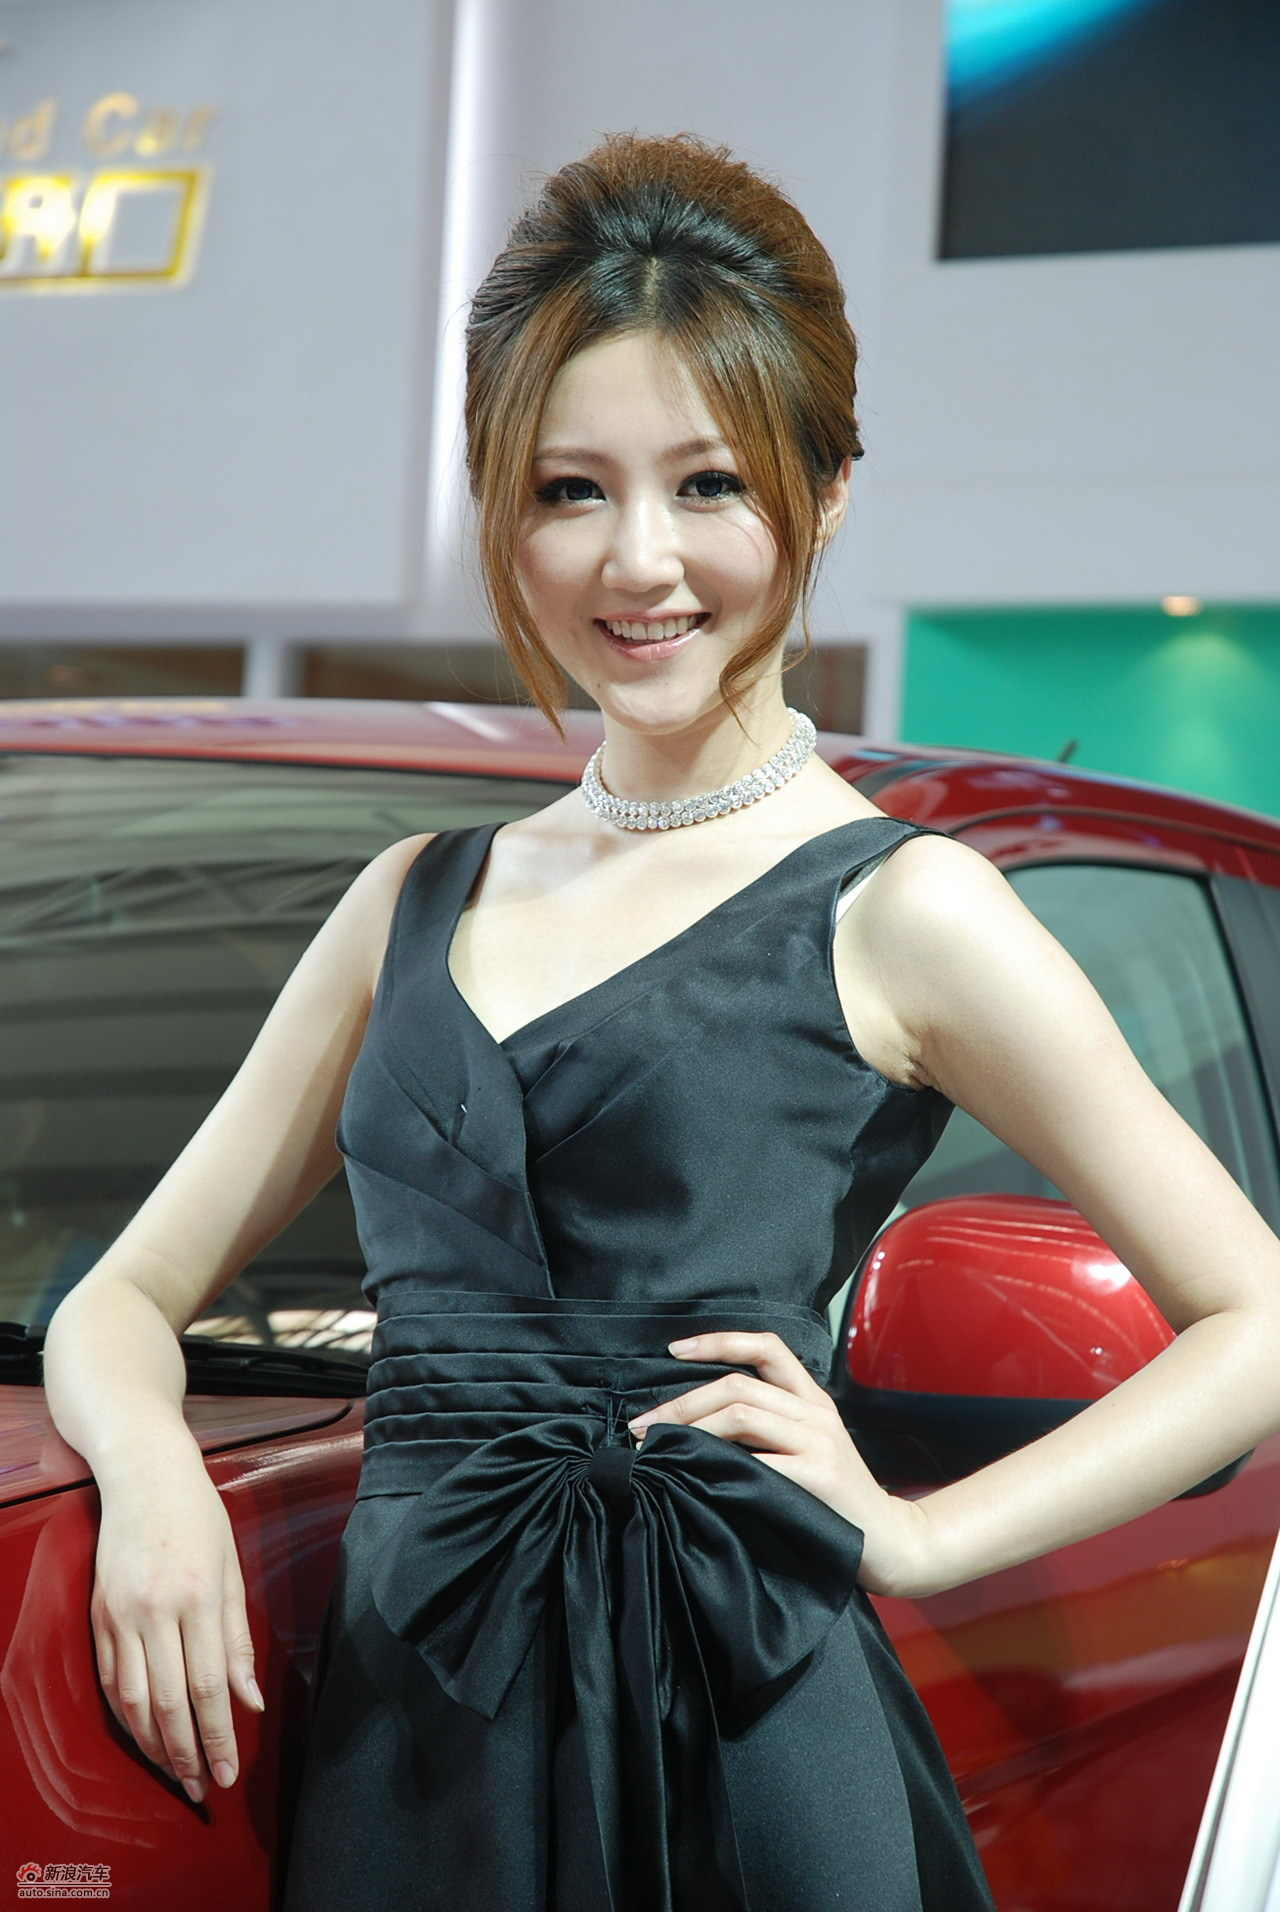 哈尔滨车展美女模特图